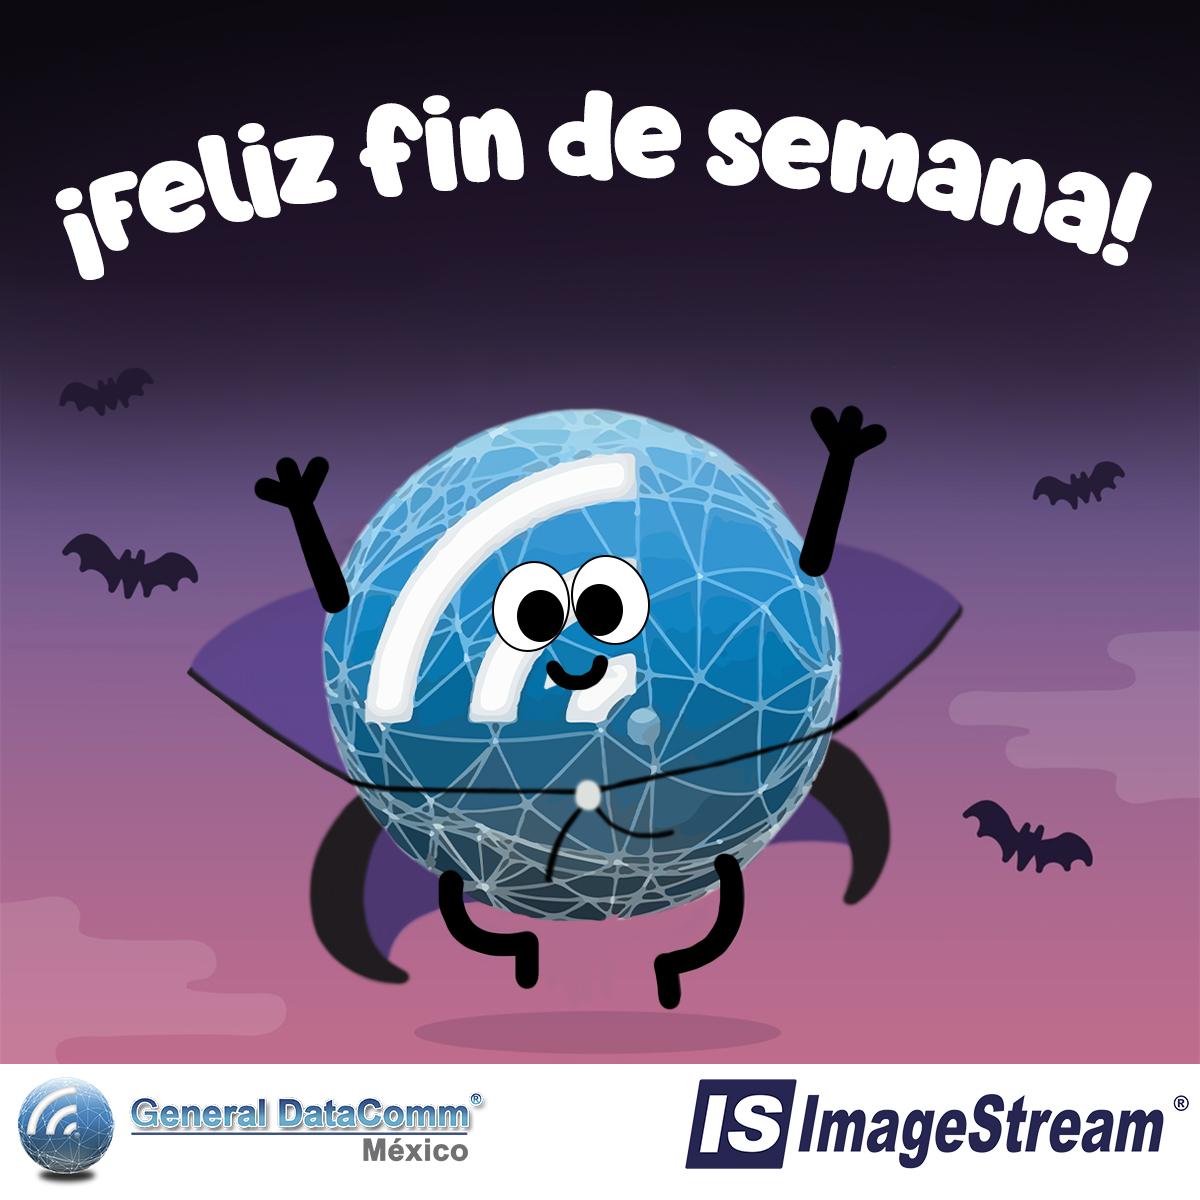 #FelizViernes #30deOctubre #BuenosDías #GeneralDataComm #Sonríe #FelizFinDeSemana #BuenViernes https://t.co/bY93UIWjKt